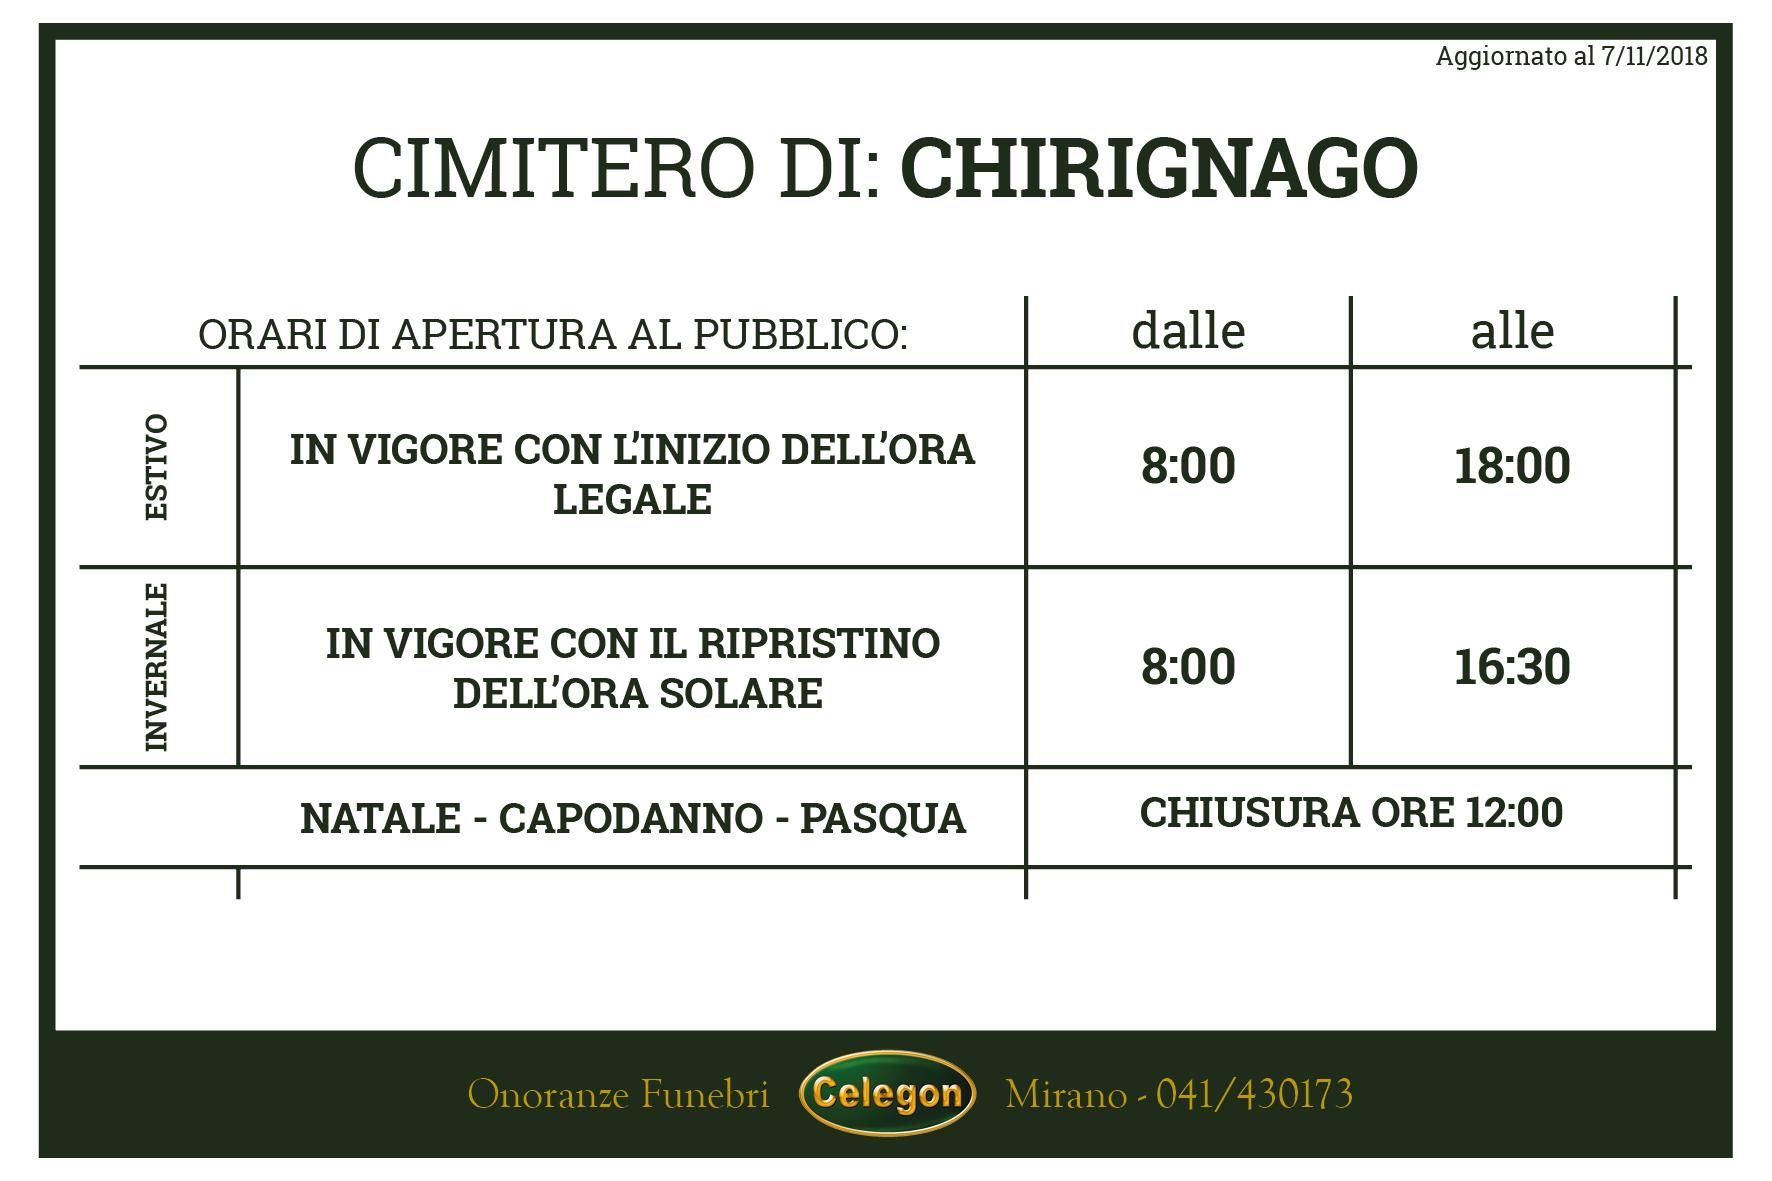 Chirignago